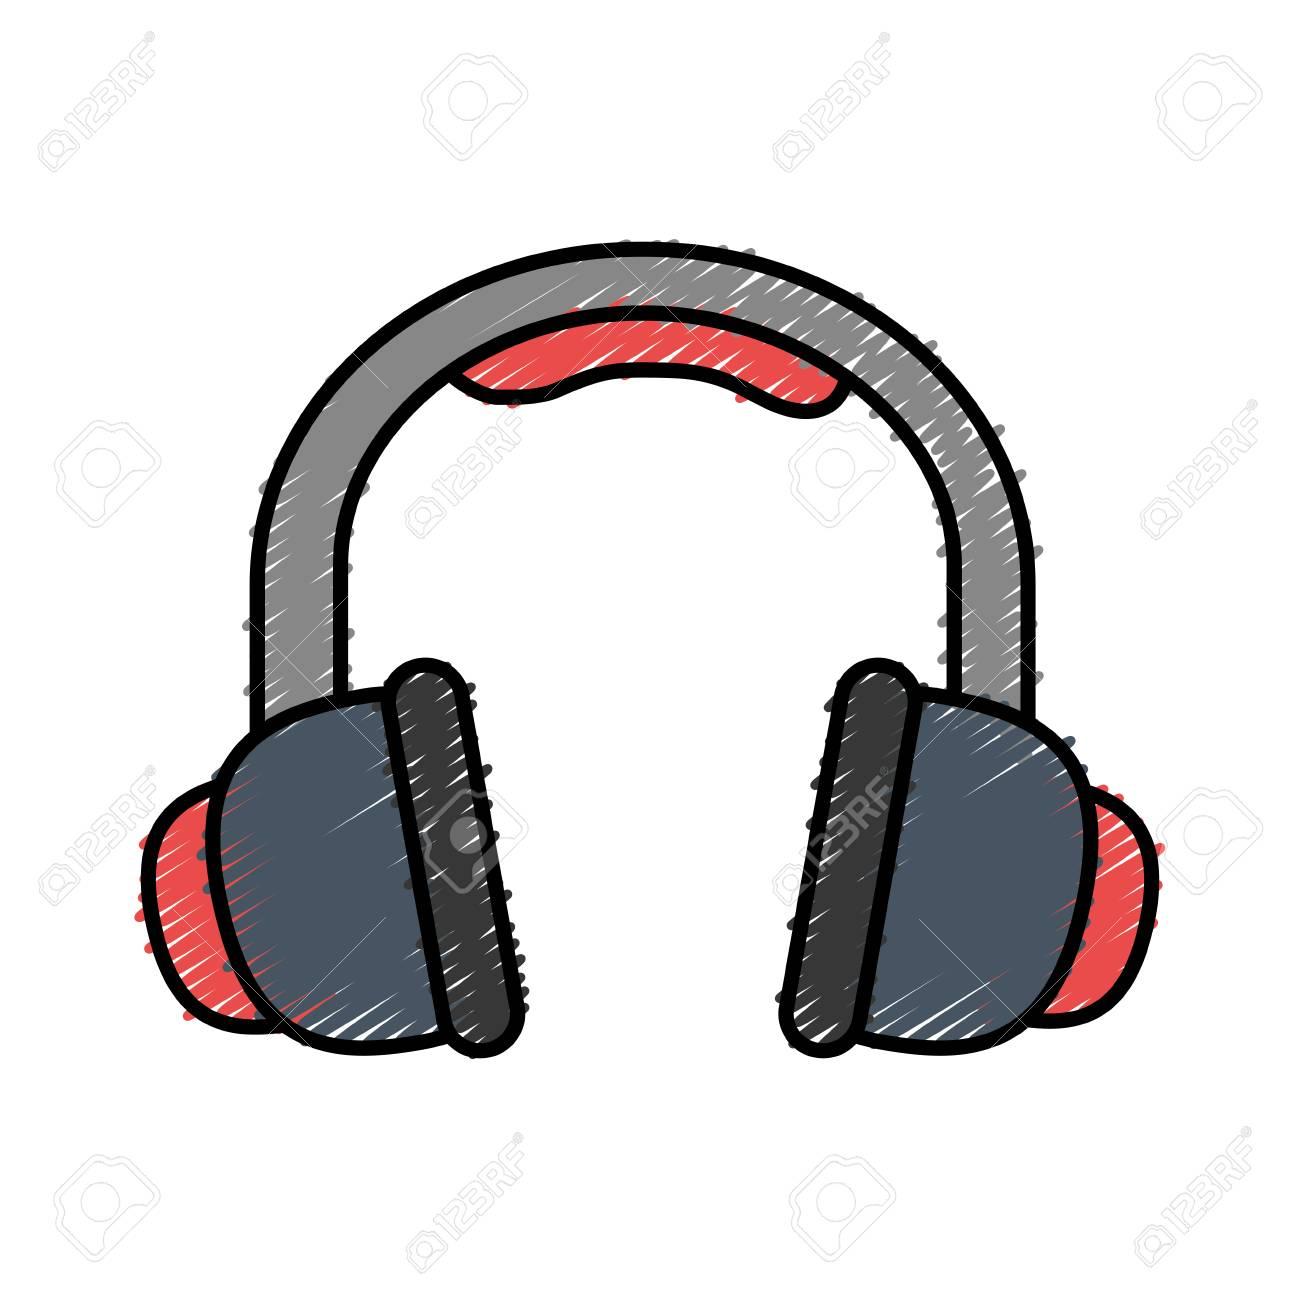 Kopfhörer-Symbol Auf Weißem Hintergrund Vektor-Illustration ...